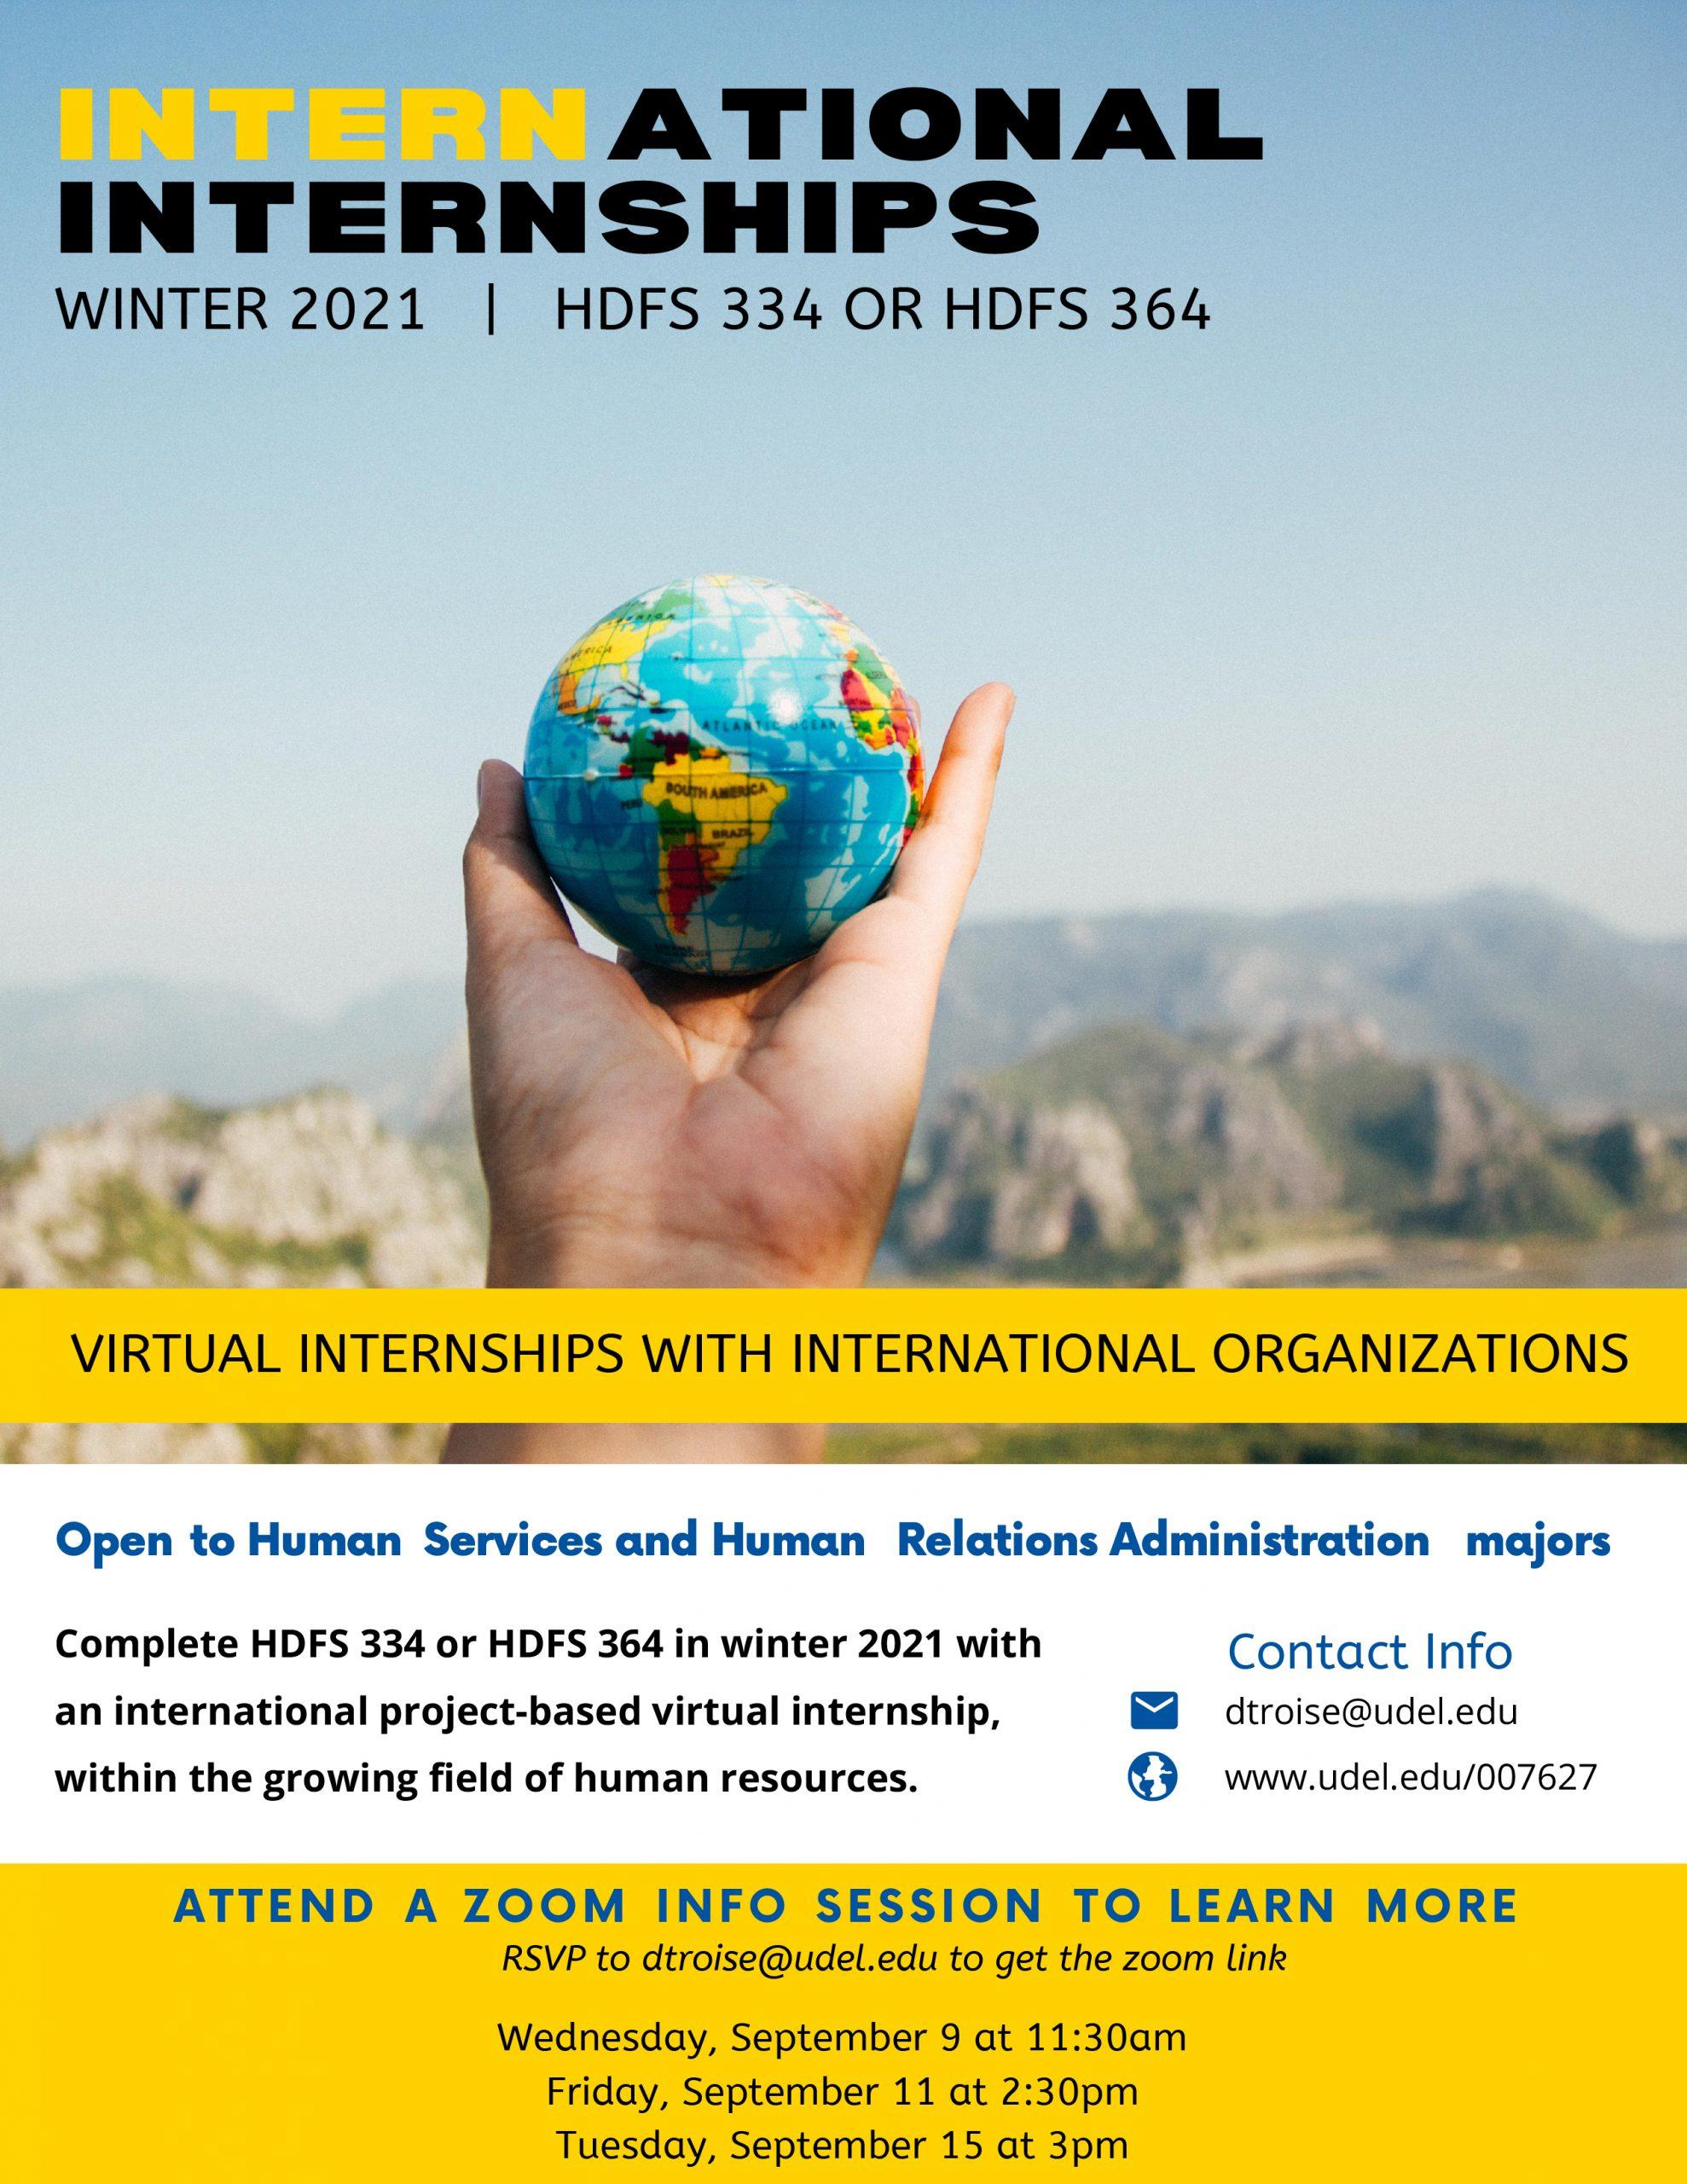 Winter 2021 international internships flyer